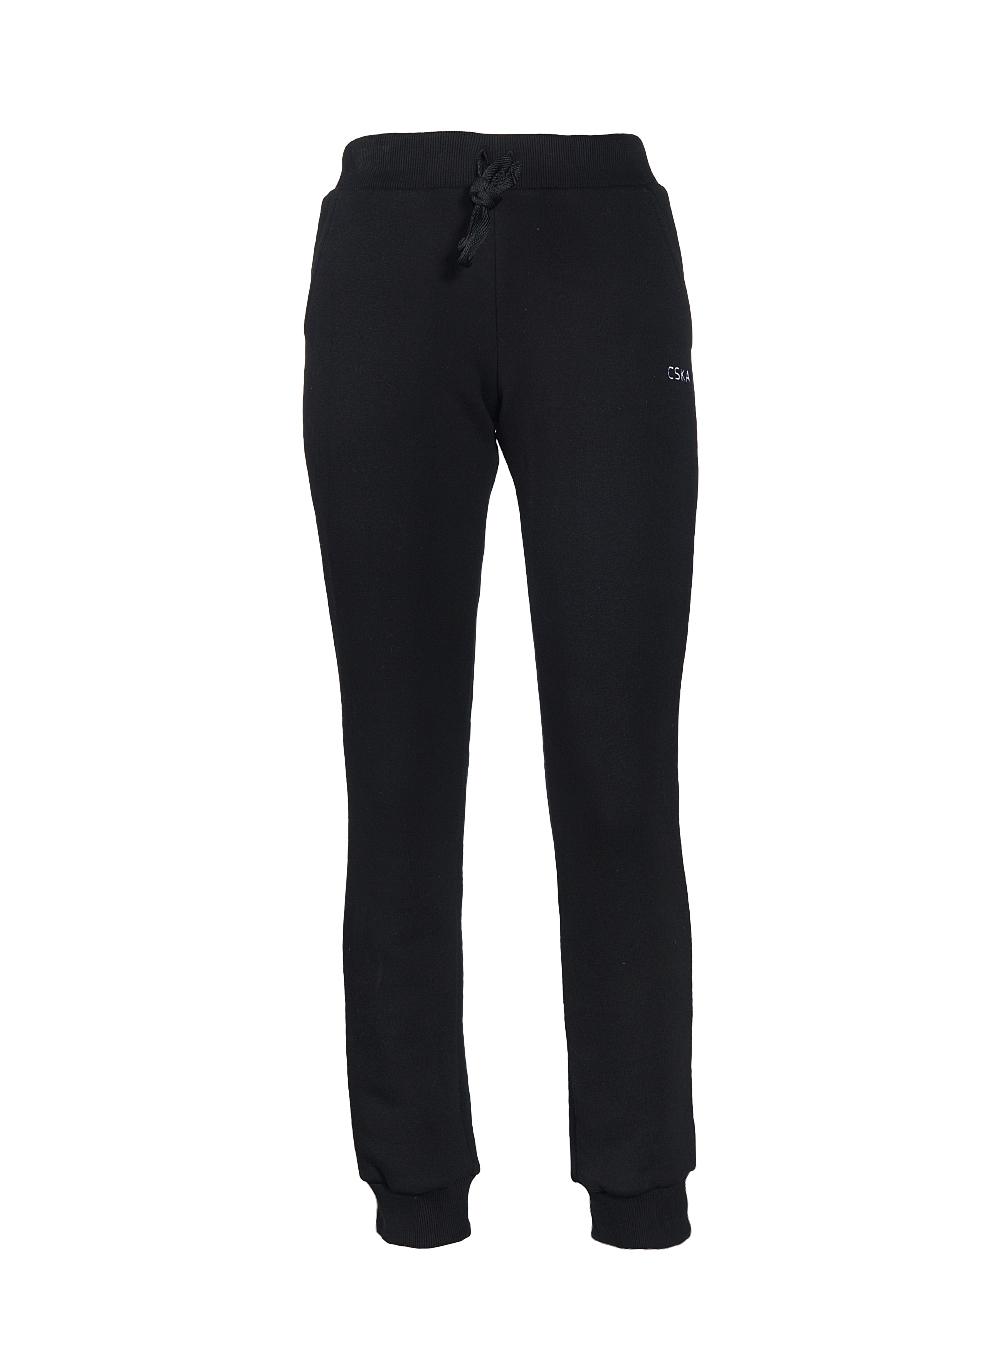 Купить Женский спортивный костюм «CSKA GIRL IN BLACK» (брюки), цвет черный (S) по Нижнему Новгороду